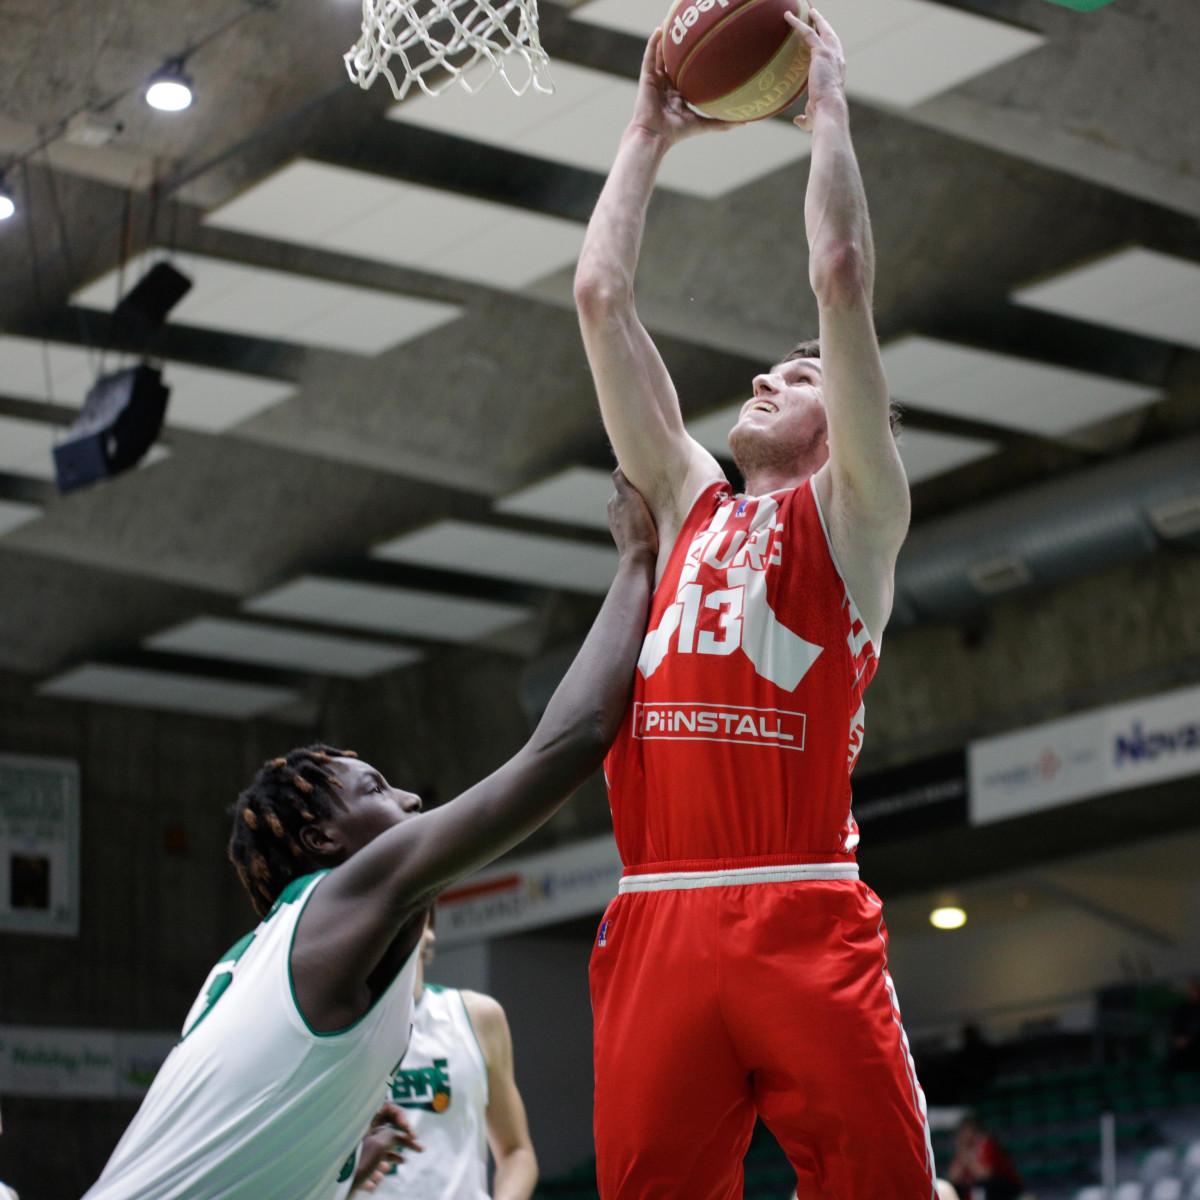 Photo of Arnaud Revaz, 2019-2020 season